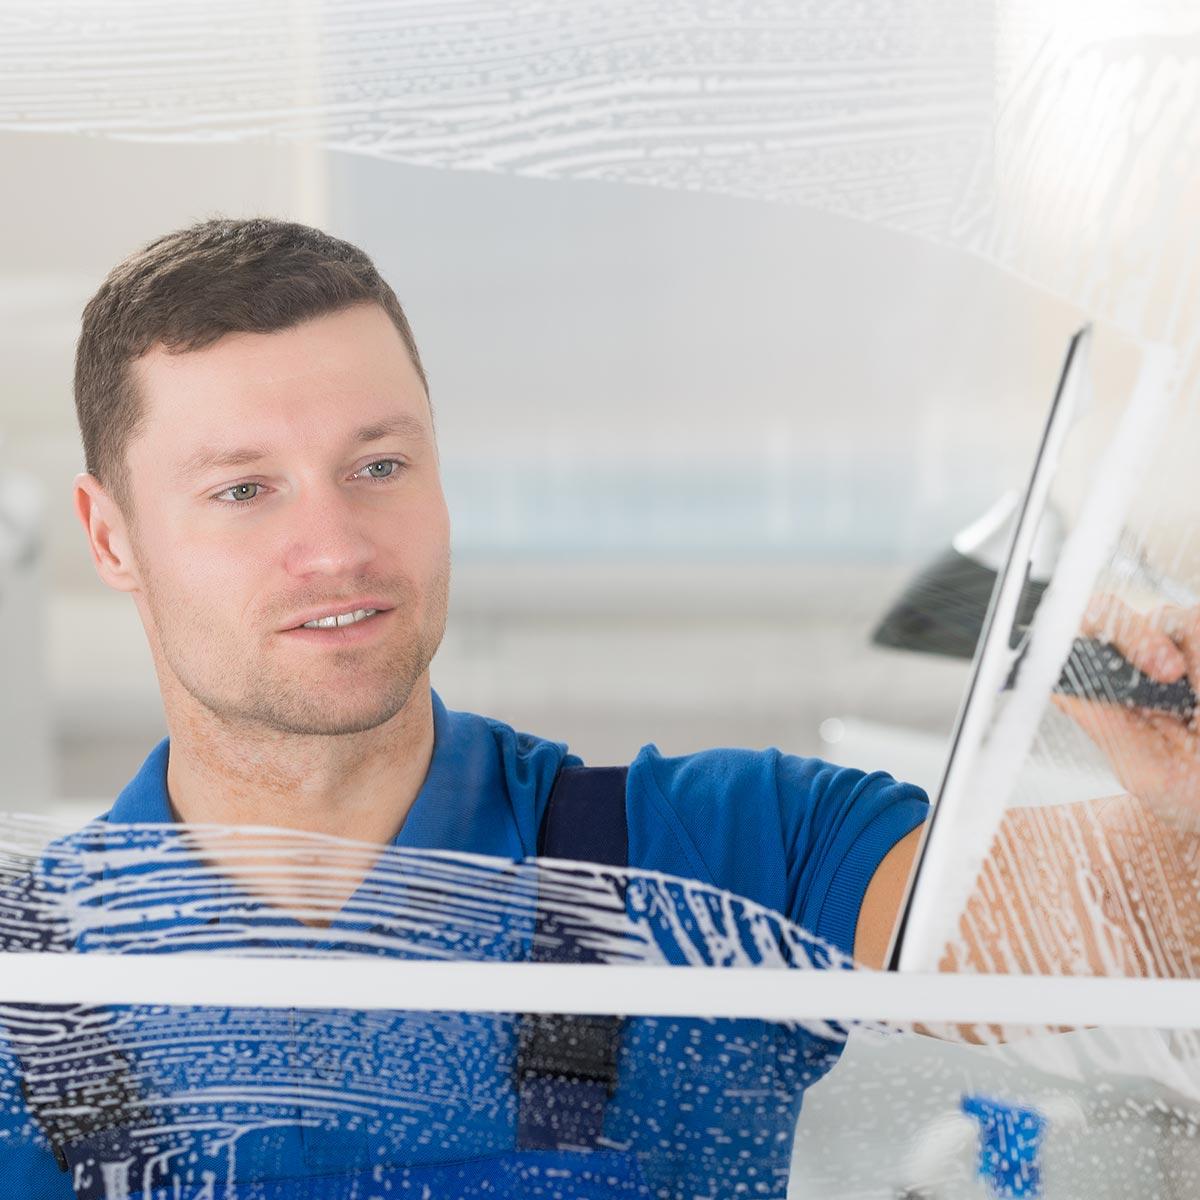 Fensterreinigung und Glasreinigung durch den zuverlässigen Fensterputzer Wismar.